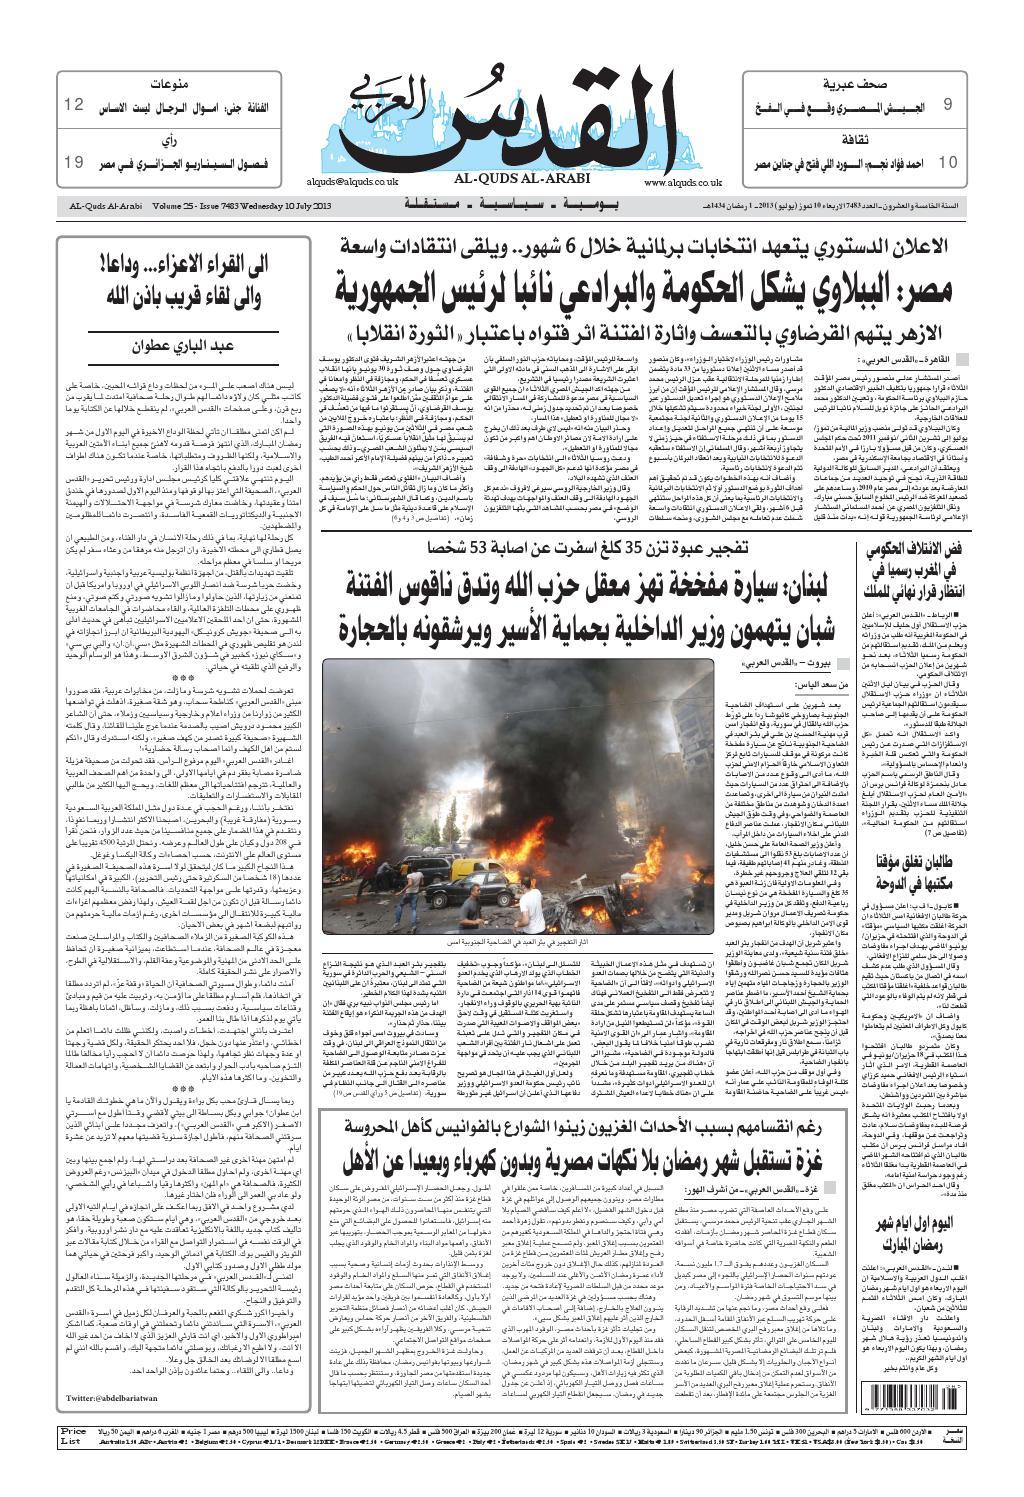 f4b6146c8 صحيفة القدس العربي , الأربعاء 10.07.2013 by مركز الحدث - issuu